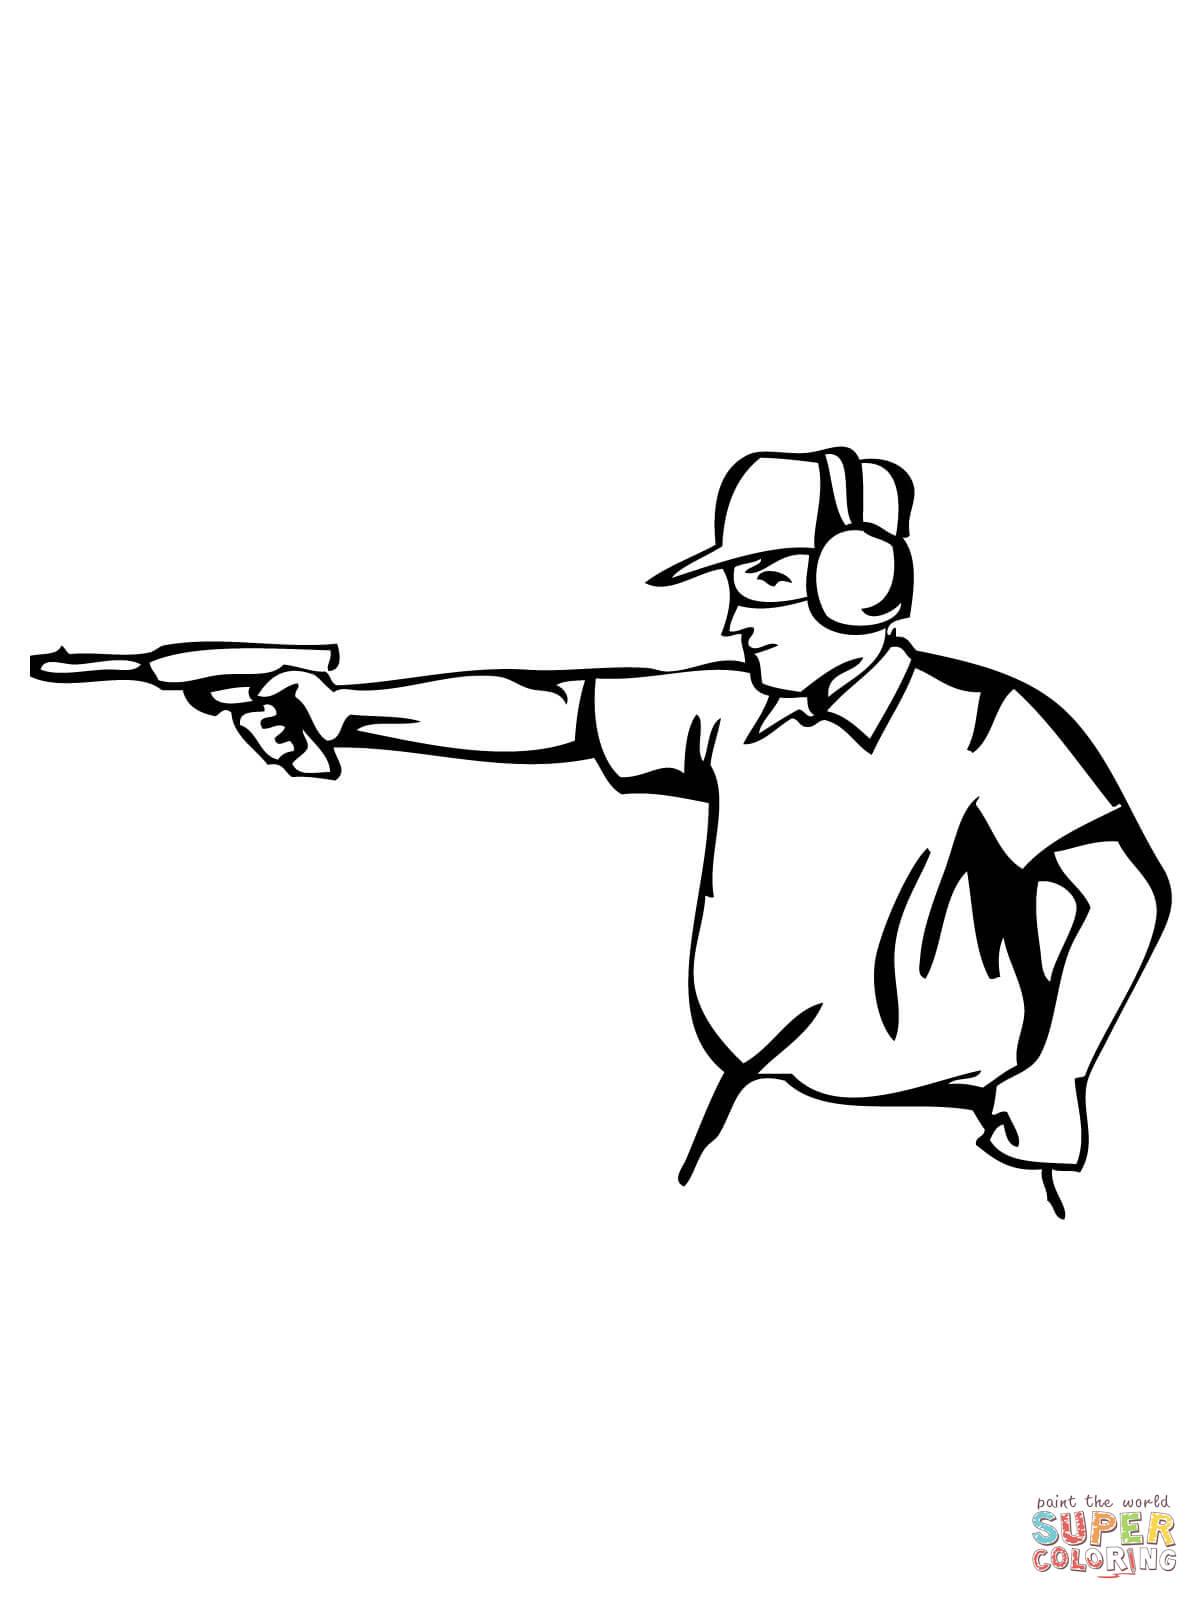 раскраски про стрелковый спорт подходящие как детям так и ...